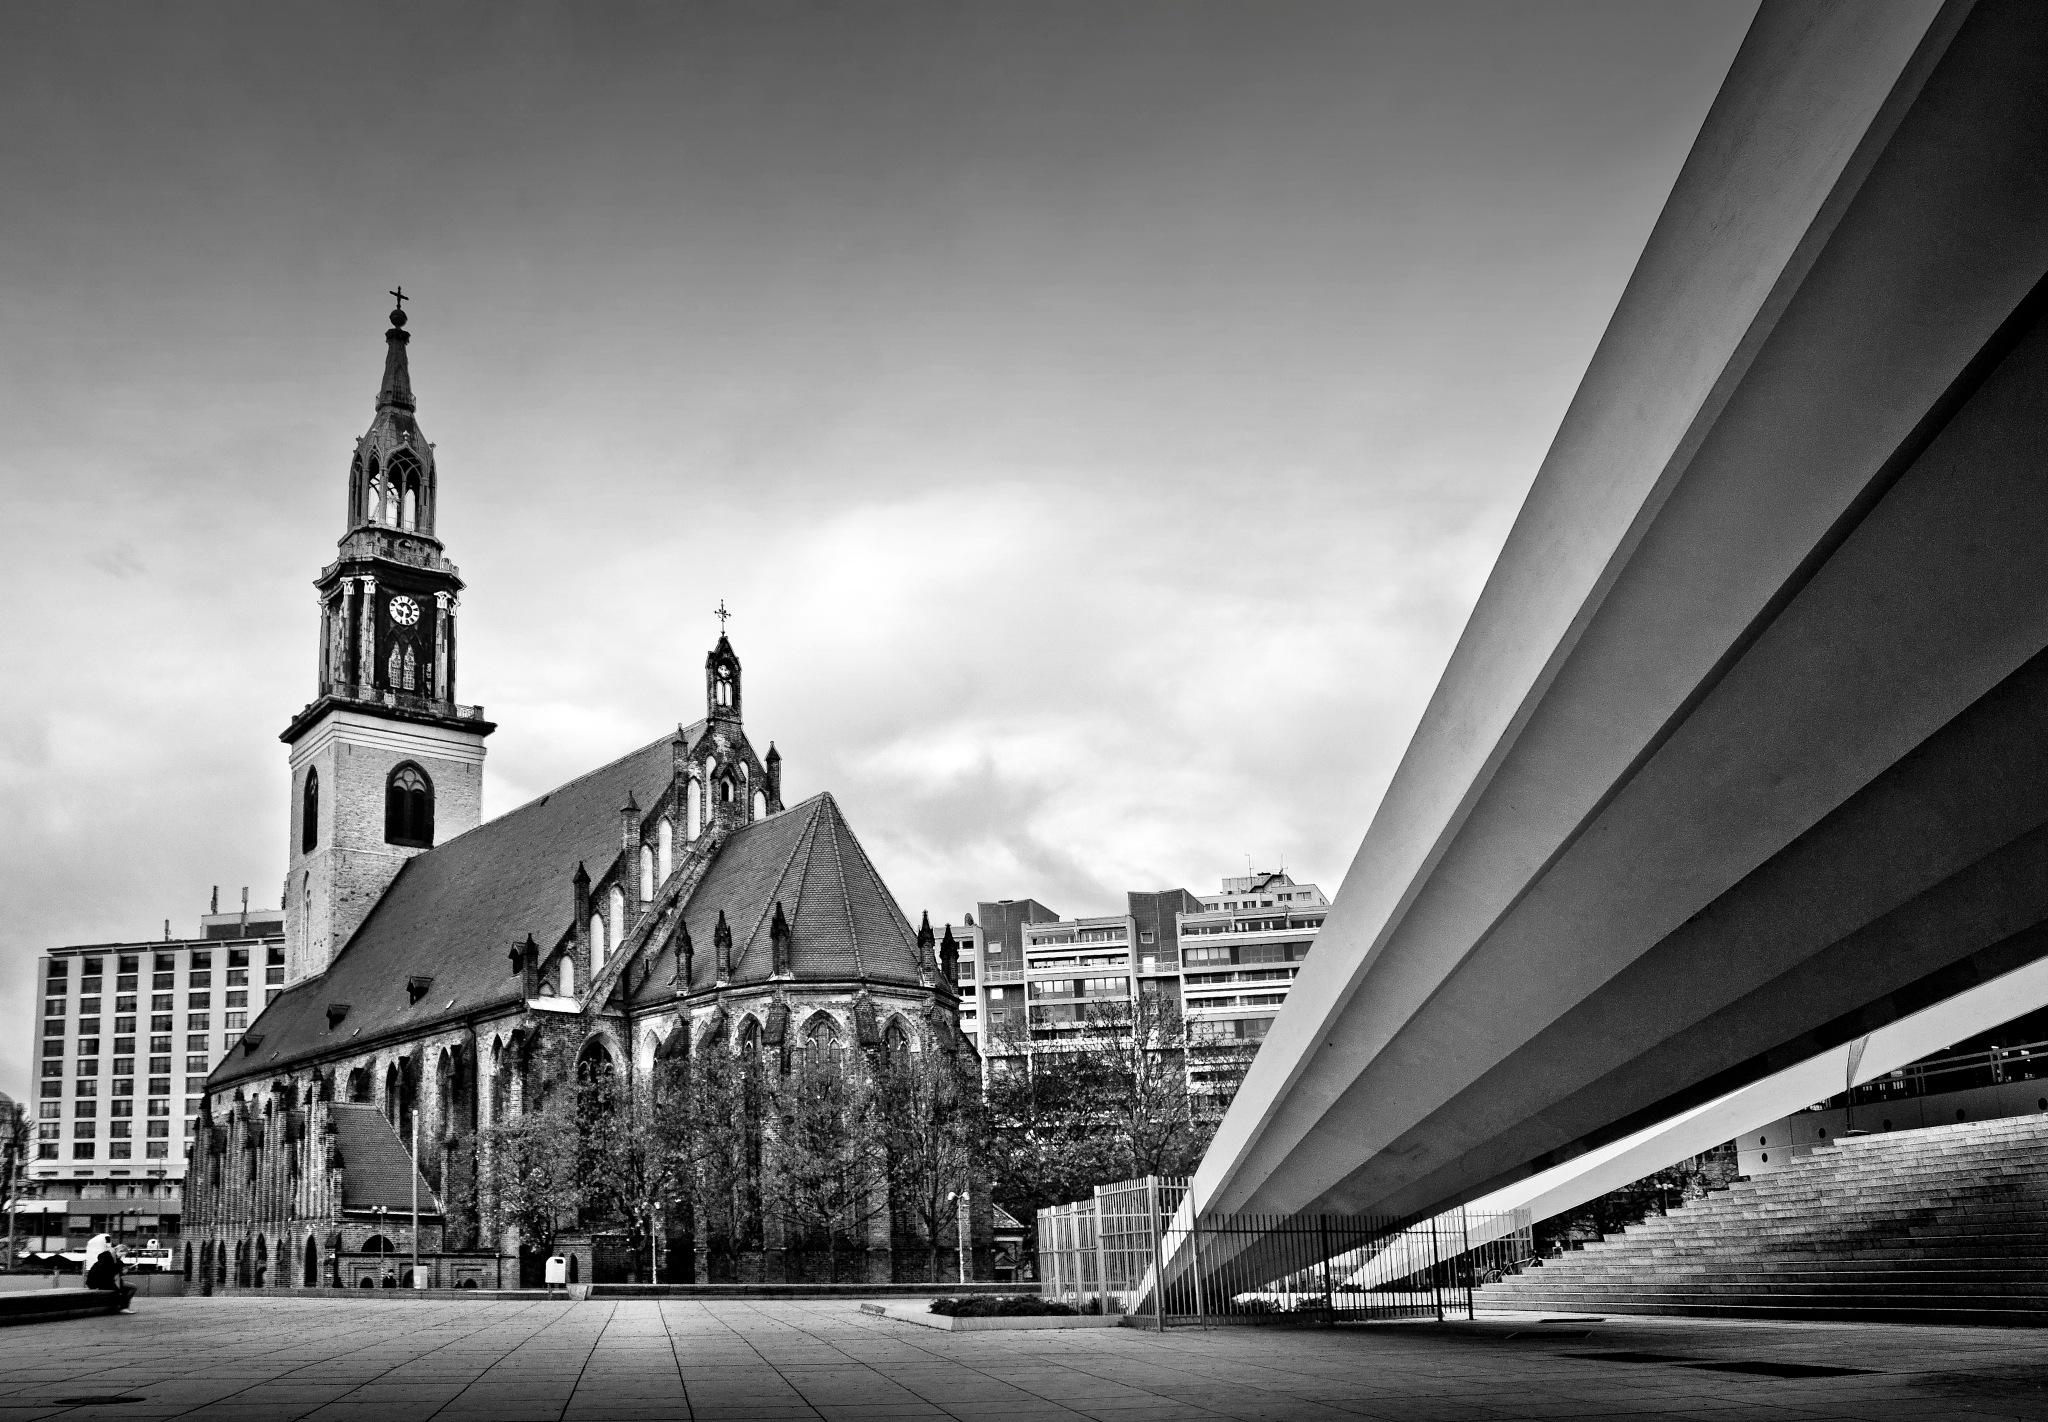 St. Mary Church by Iliya Iliev